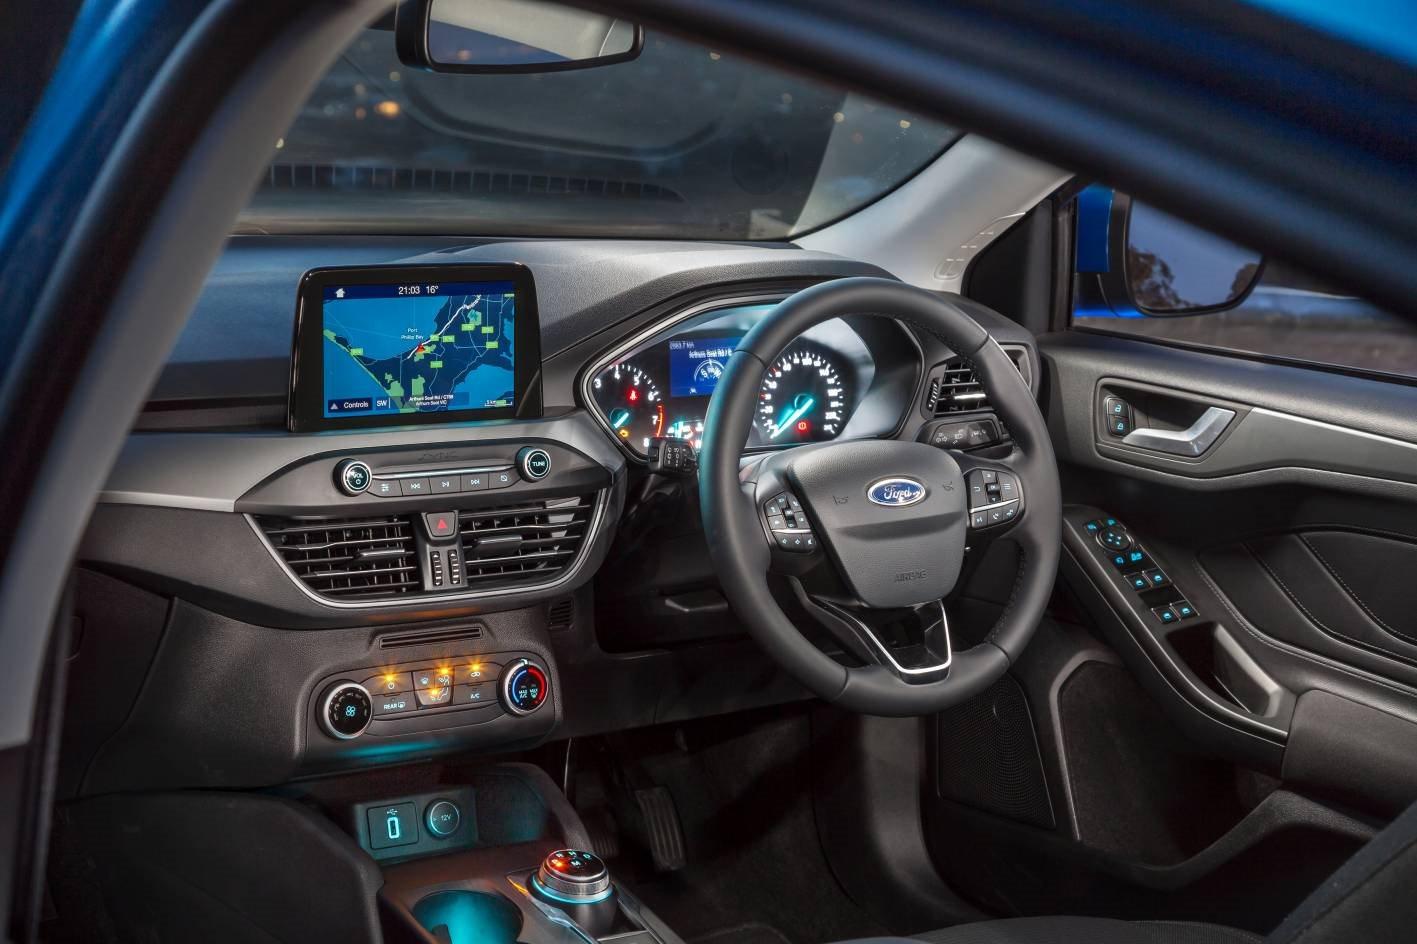 Ford Focus V Hyundai I30 Comparison Australia